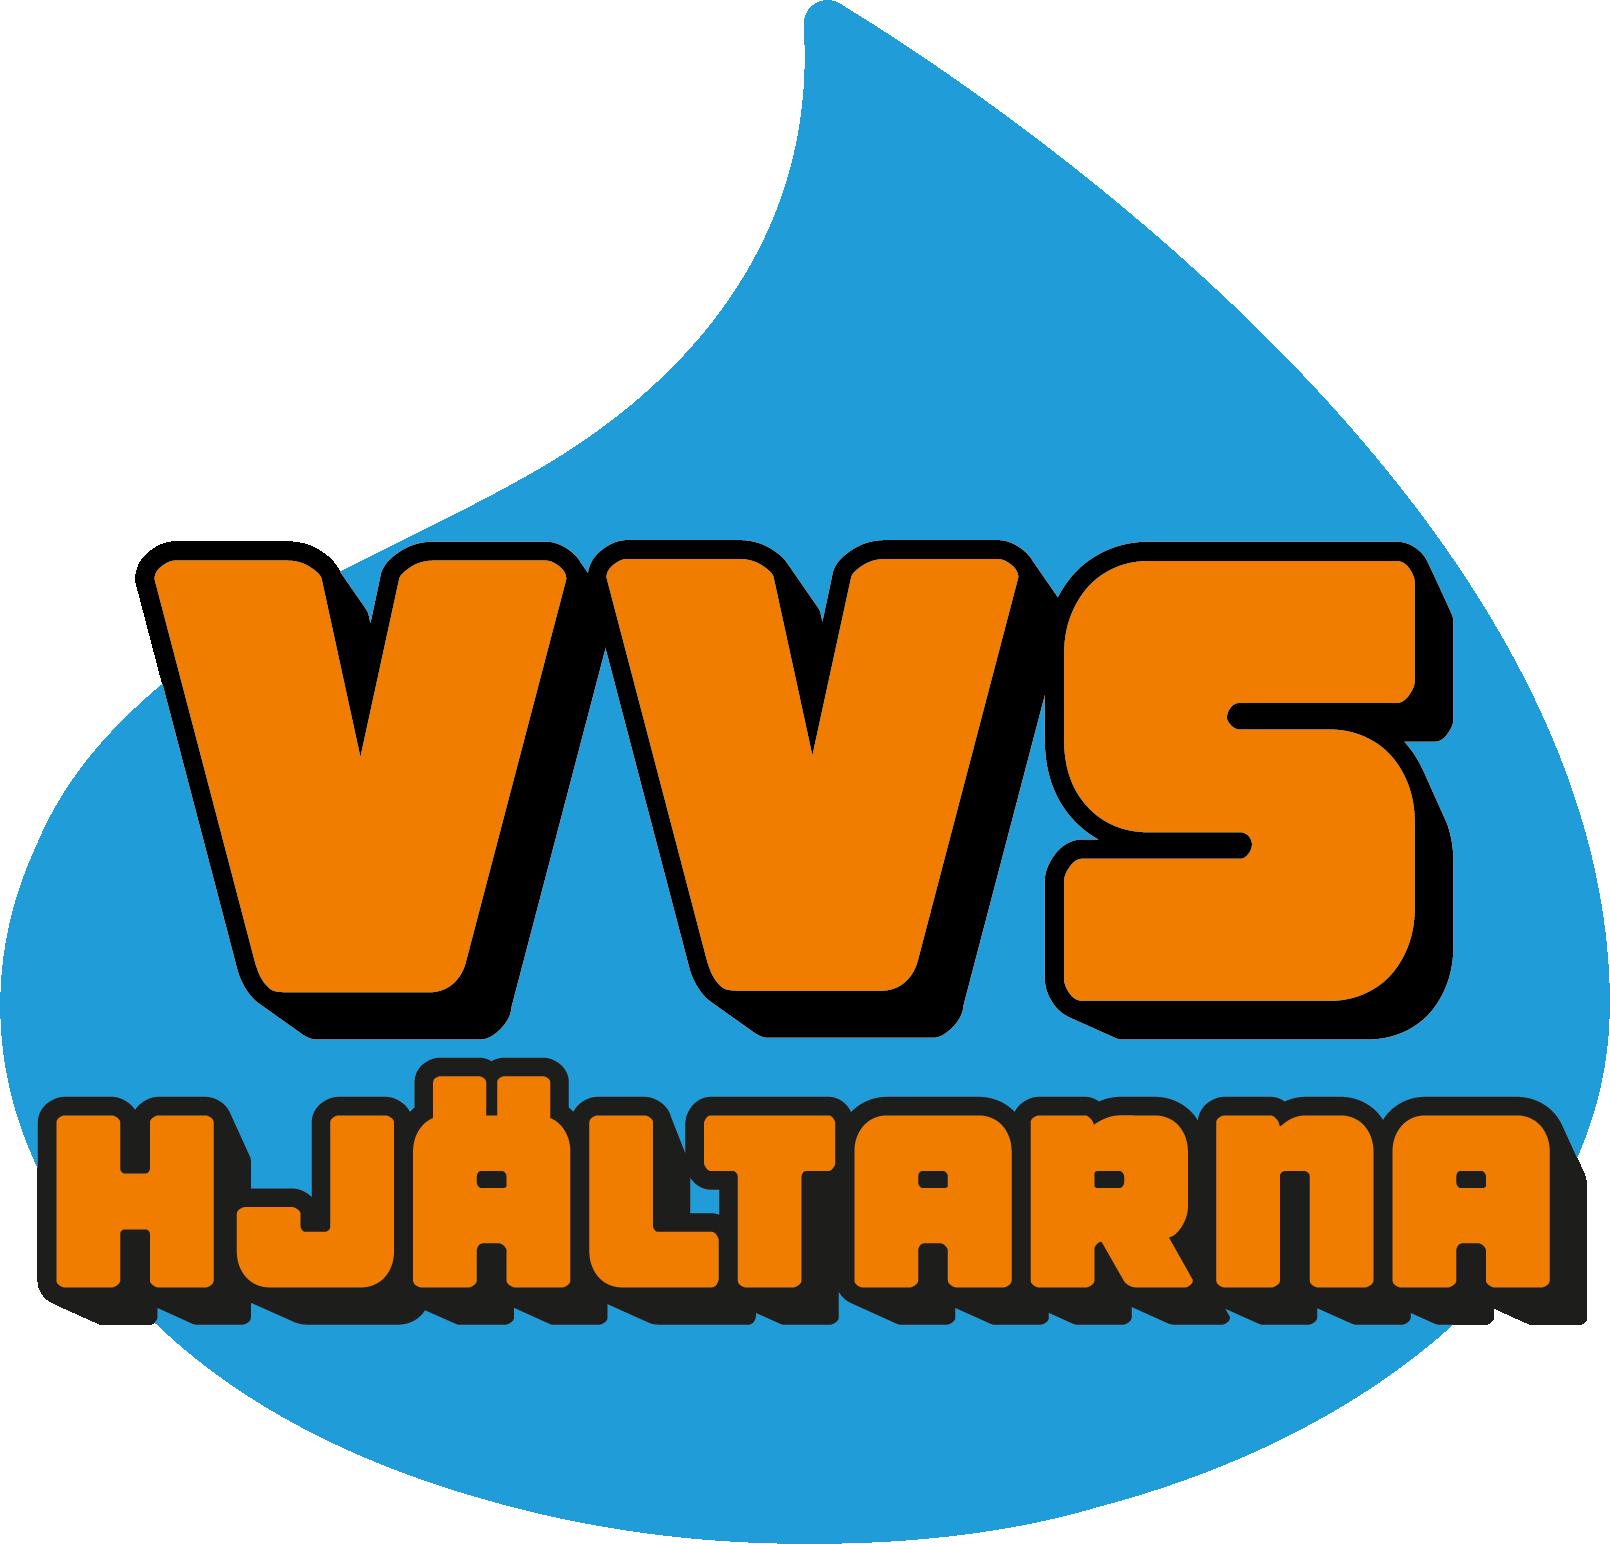 VVS-hjältarna